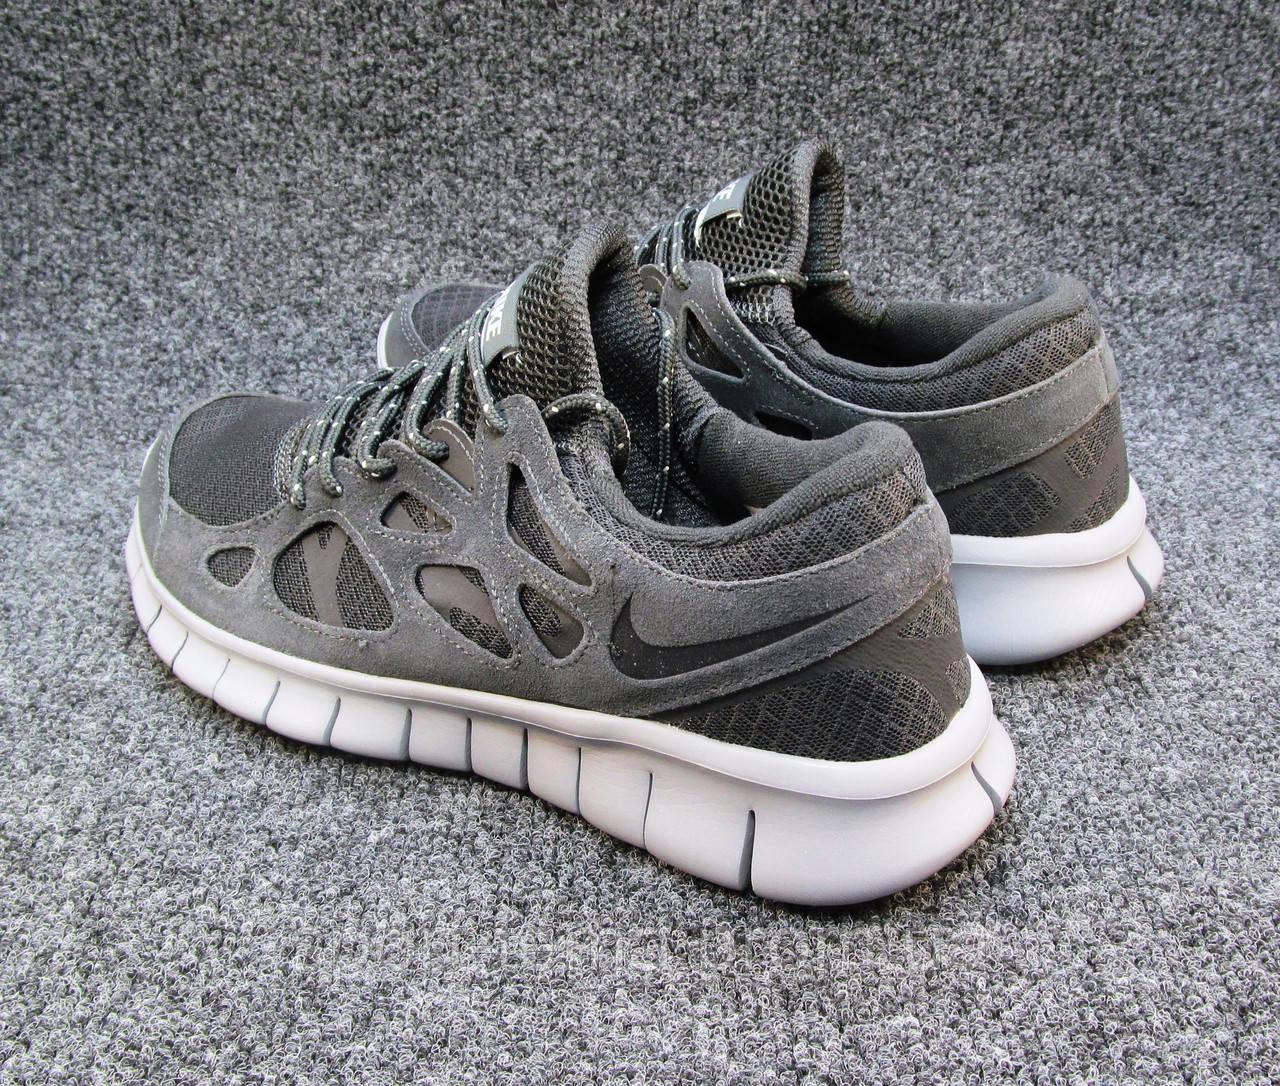 aaf4858c Кроссовки мужские Nike Free Run 2+ текстиль серые (найк фри ран)(р ...